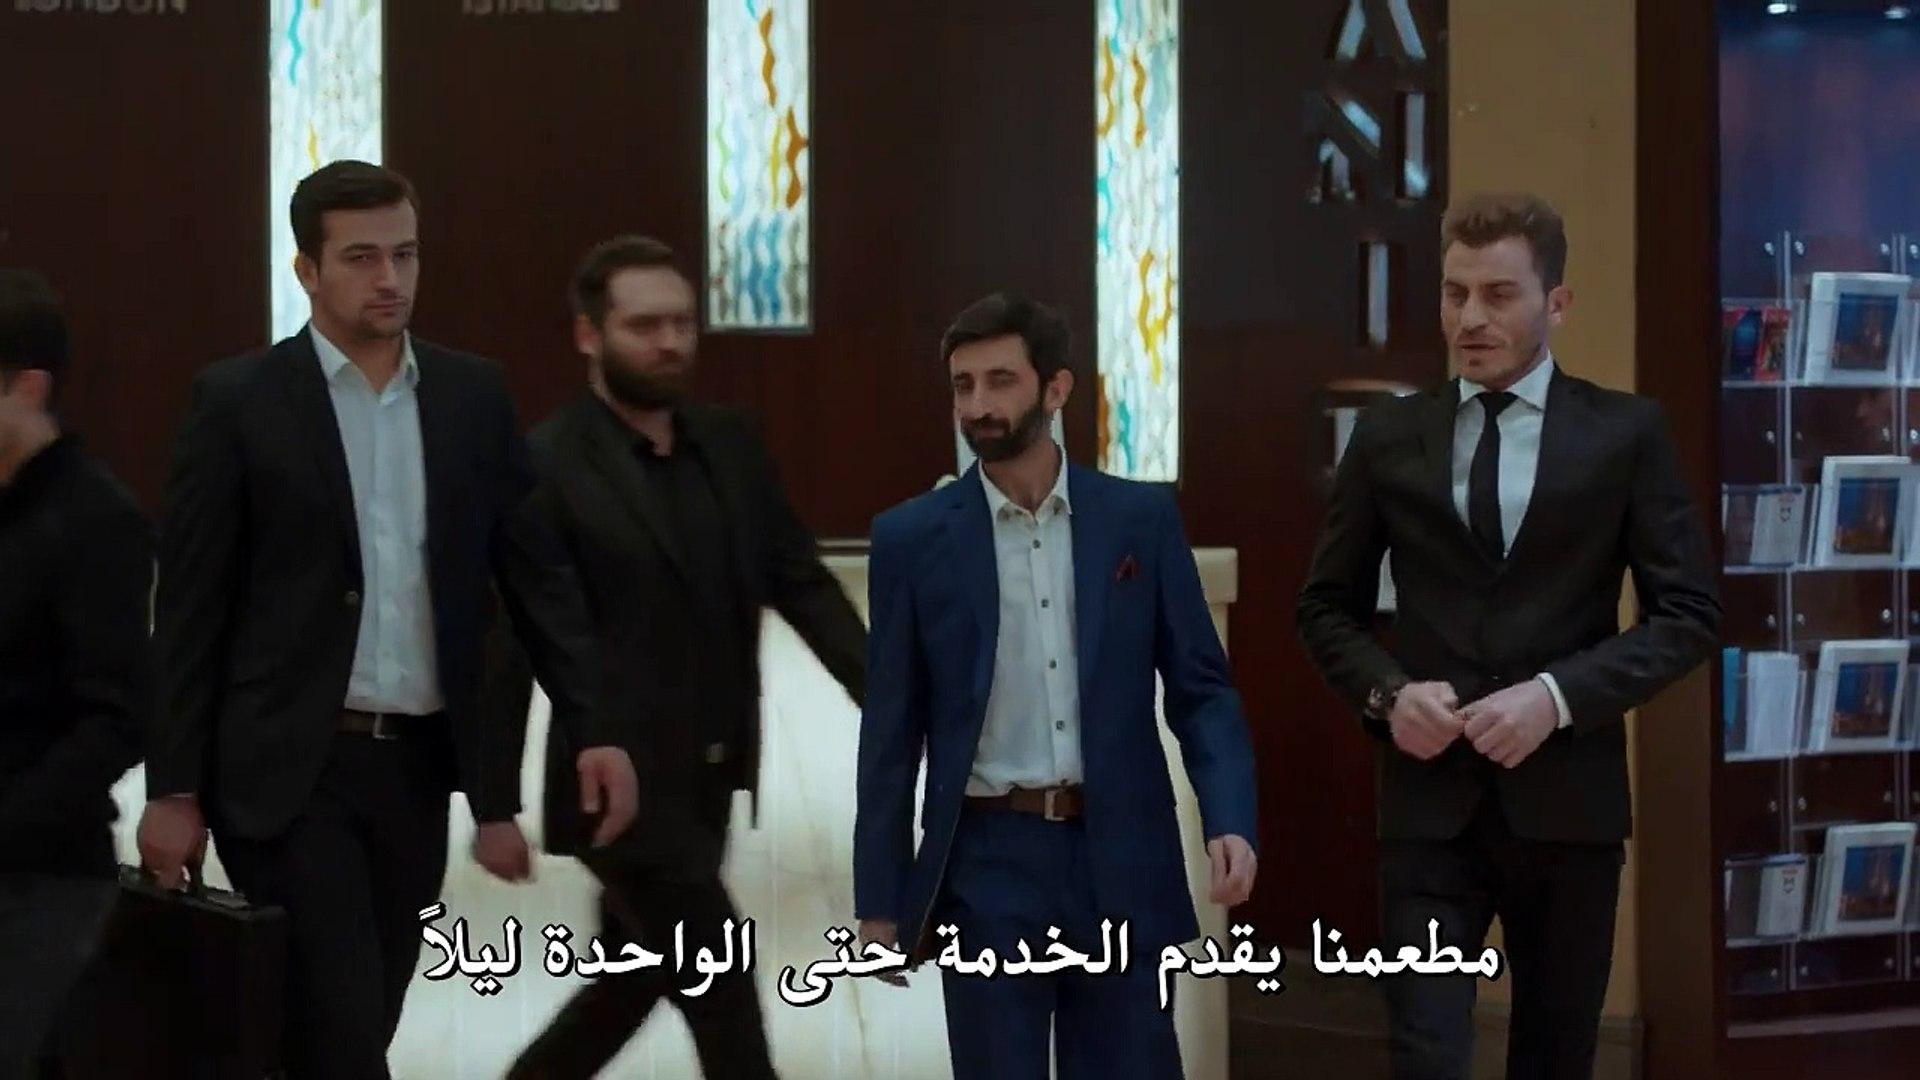 مسلسل العهد الموسم 2 الحلقة 25 القسم 3 مترجم للعربية